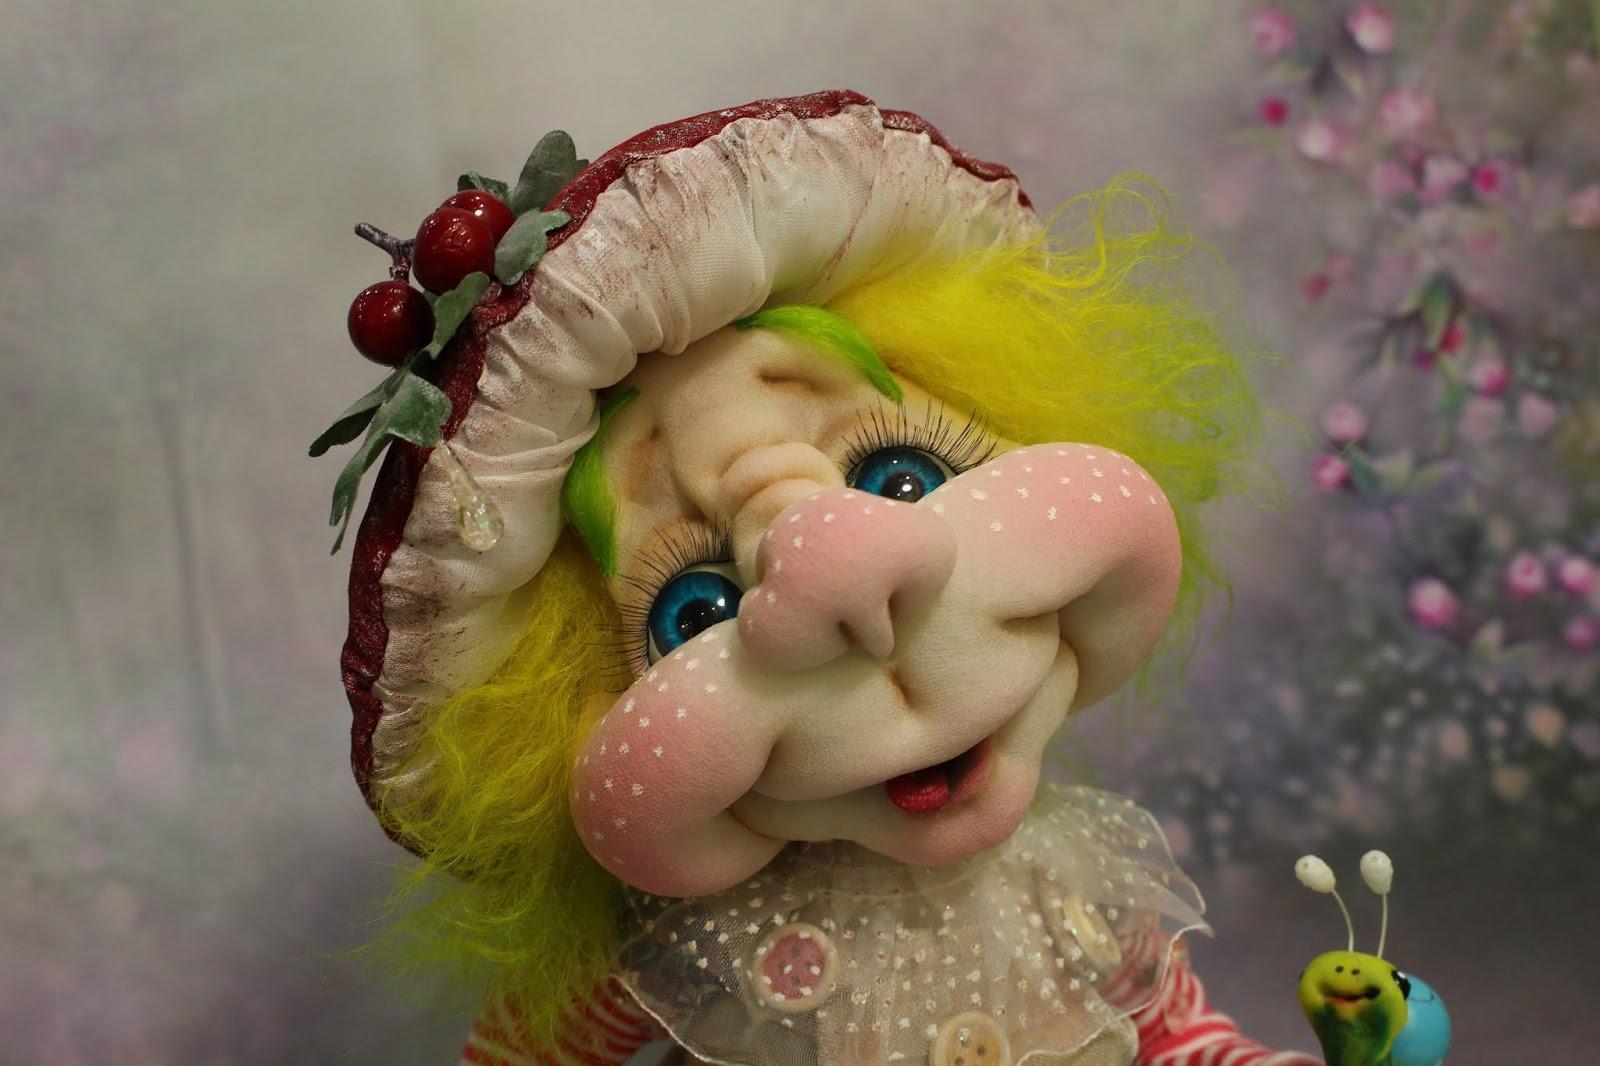 кукла в чулочной технике мастер класс судьба чтоб благосклонной